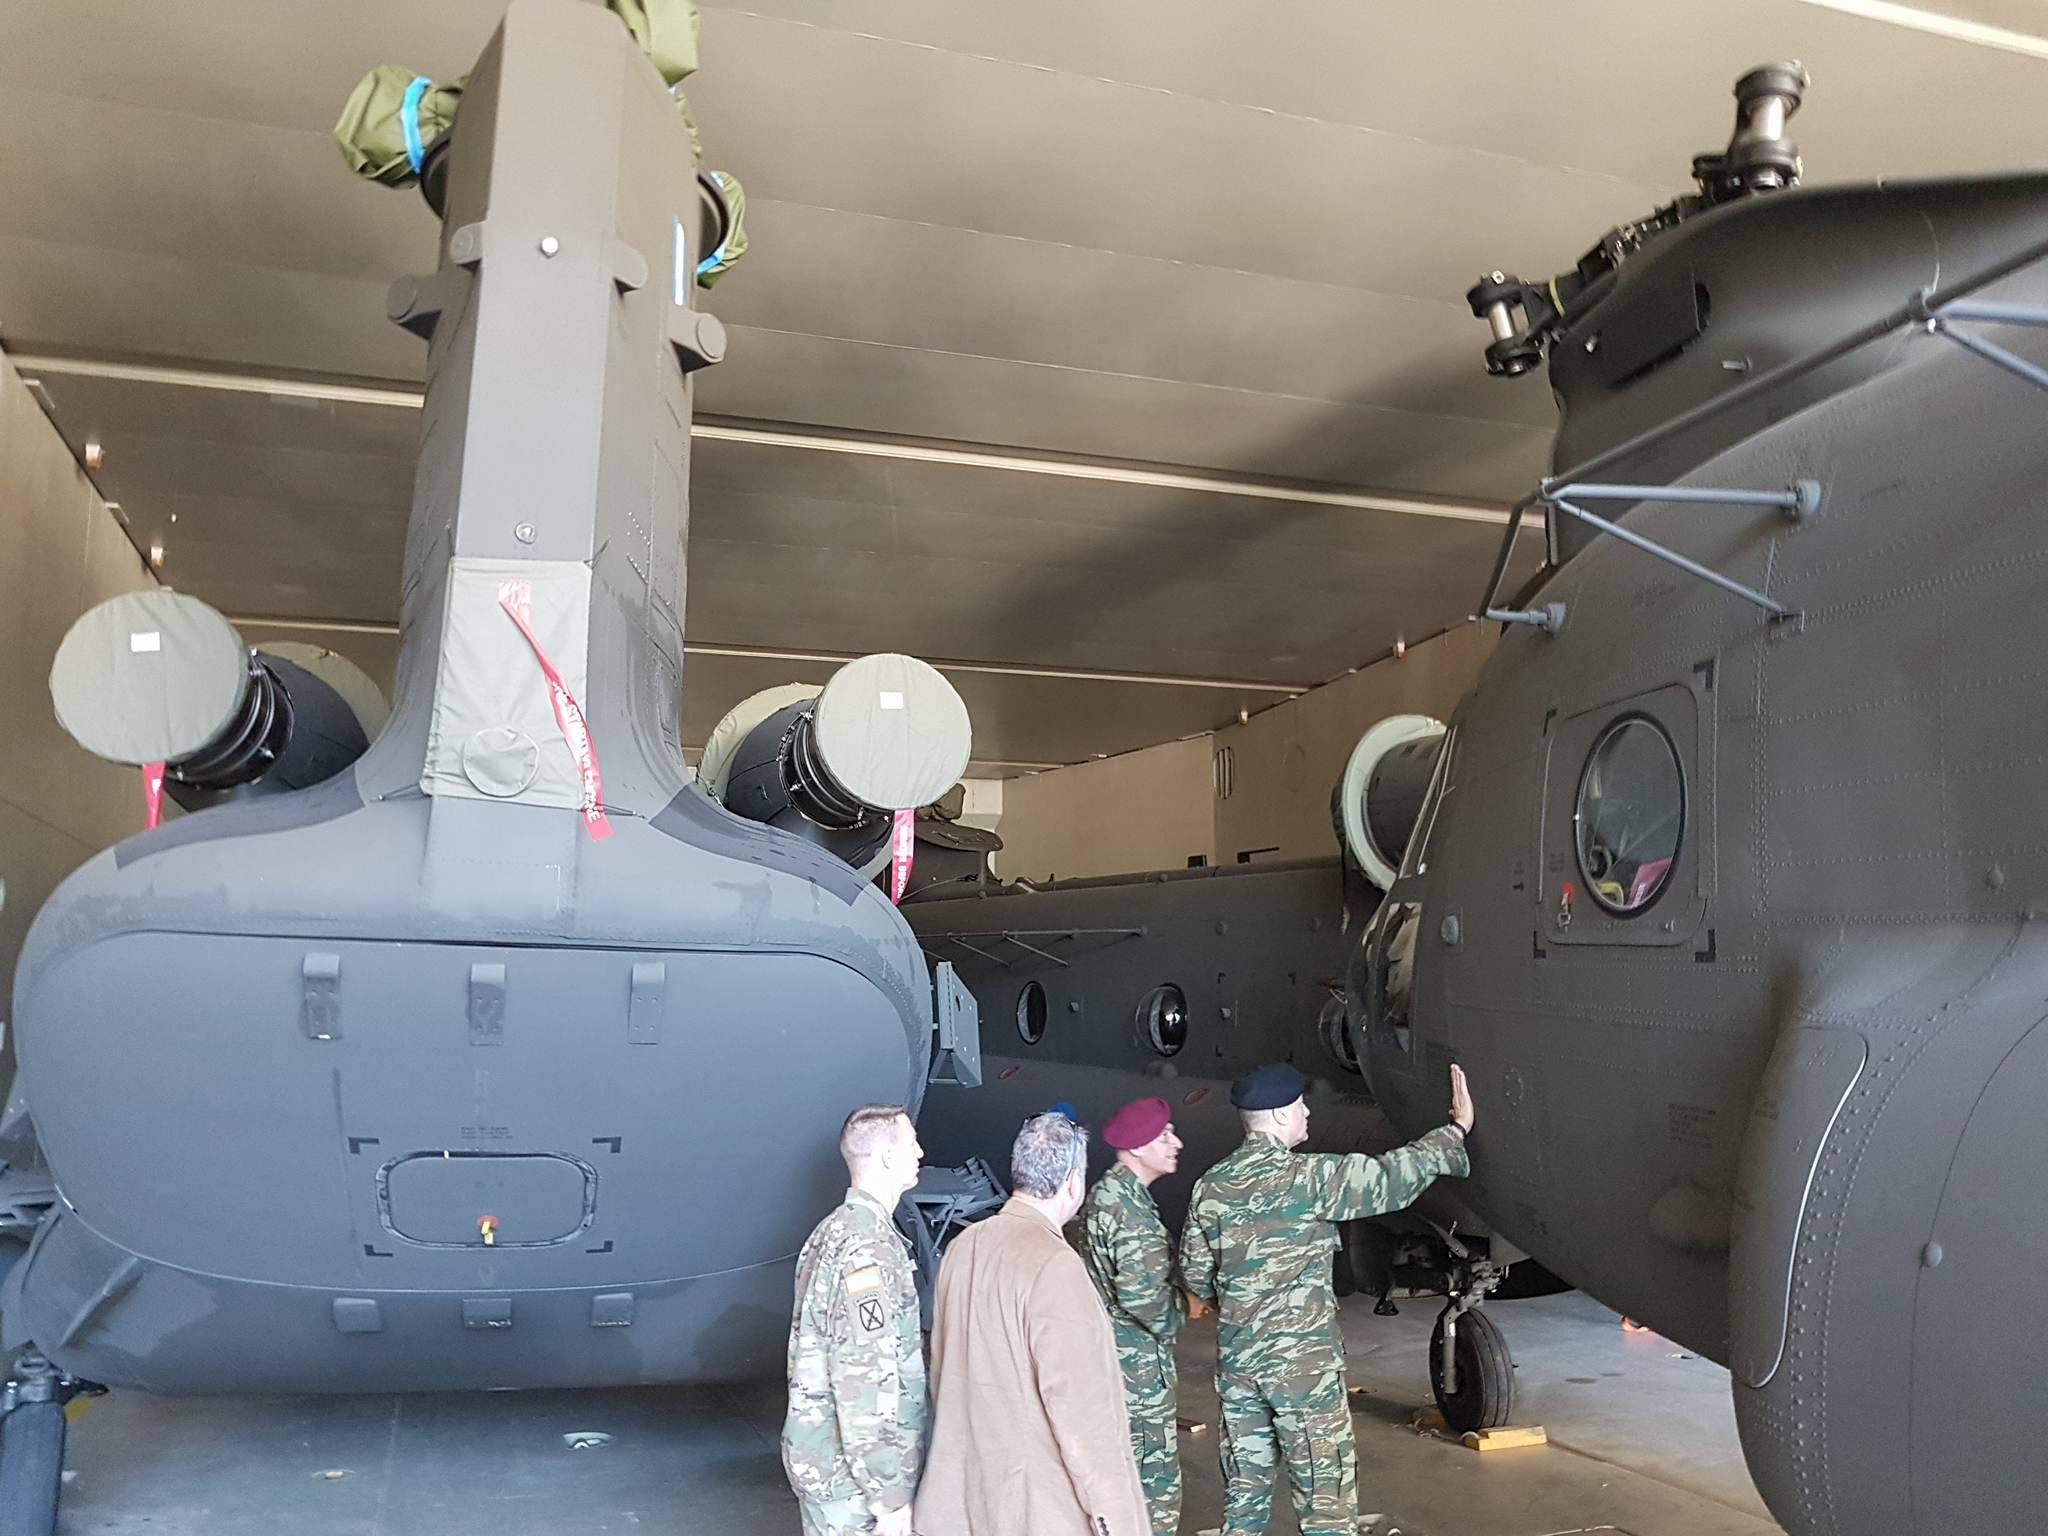 ΗΠΑ σε Ελλάδα: «Επανεξοπλισμός εδώ και τώρα, μην χάνετε χρόνο» – Εφτασαν τα πρώτα CH-47D Chinook – Ακολουθούν OH-58D Kiowa Warrior - Εικόνα9